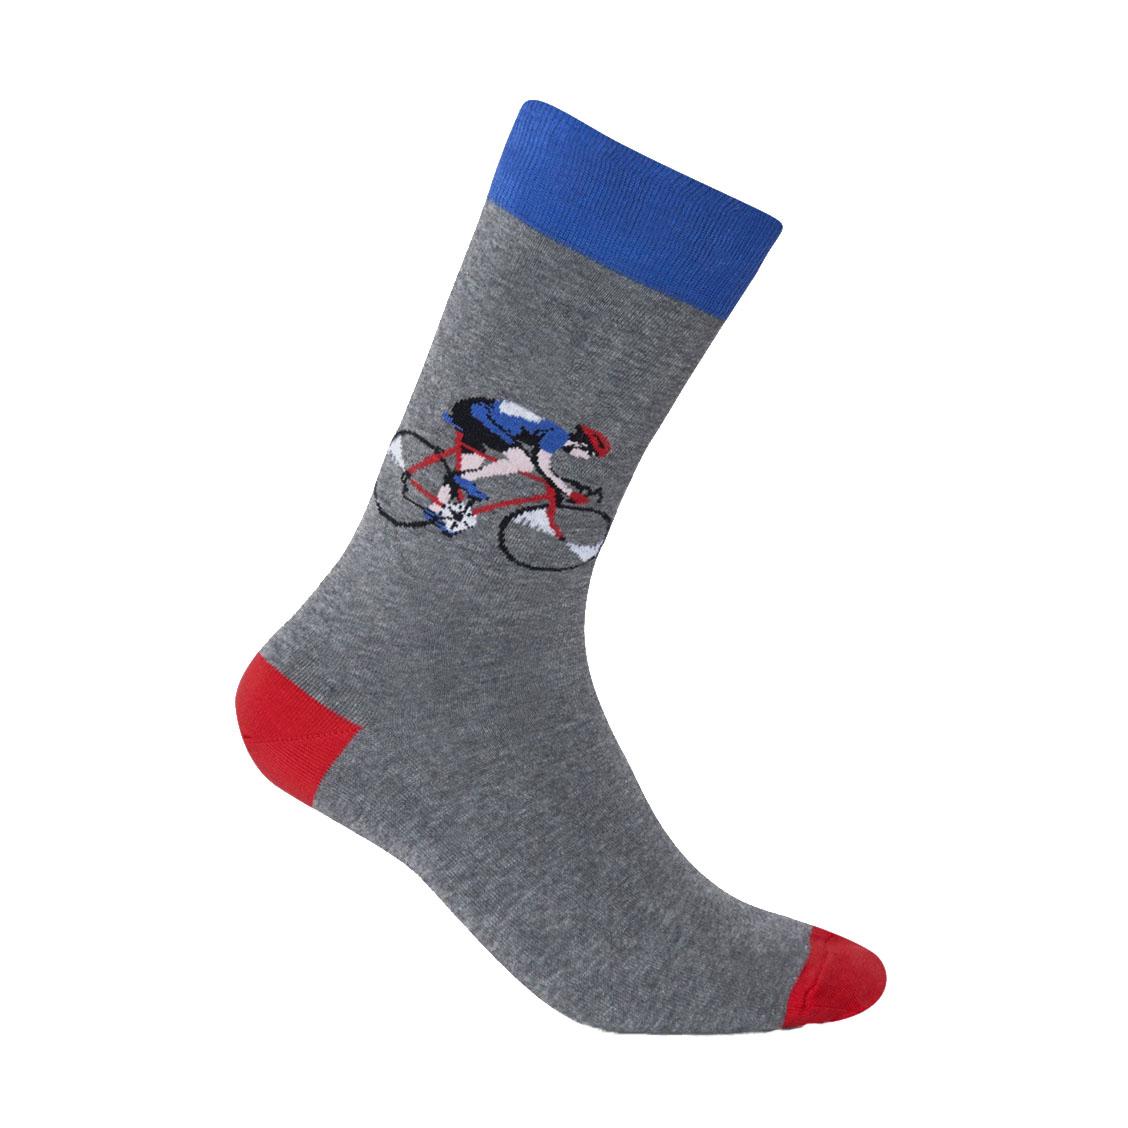 Chaussettes  en coton stretch gris chiné à motifs cyclistes